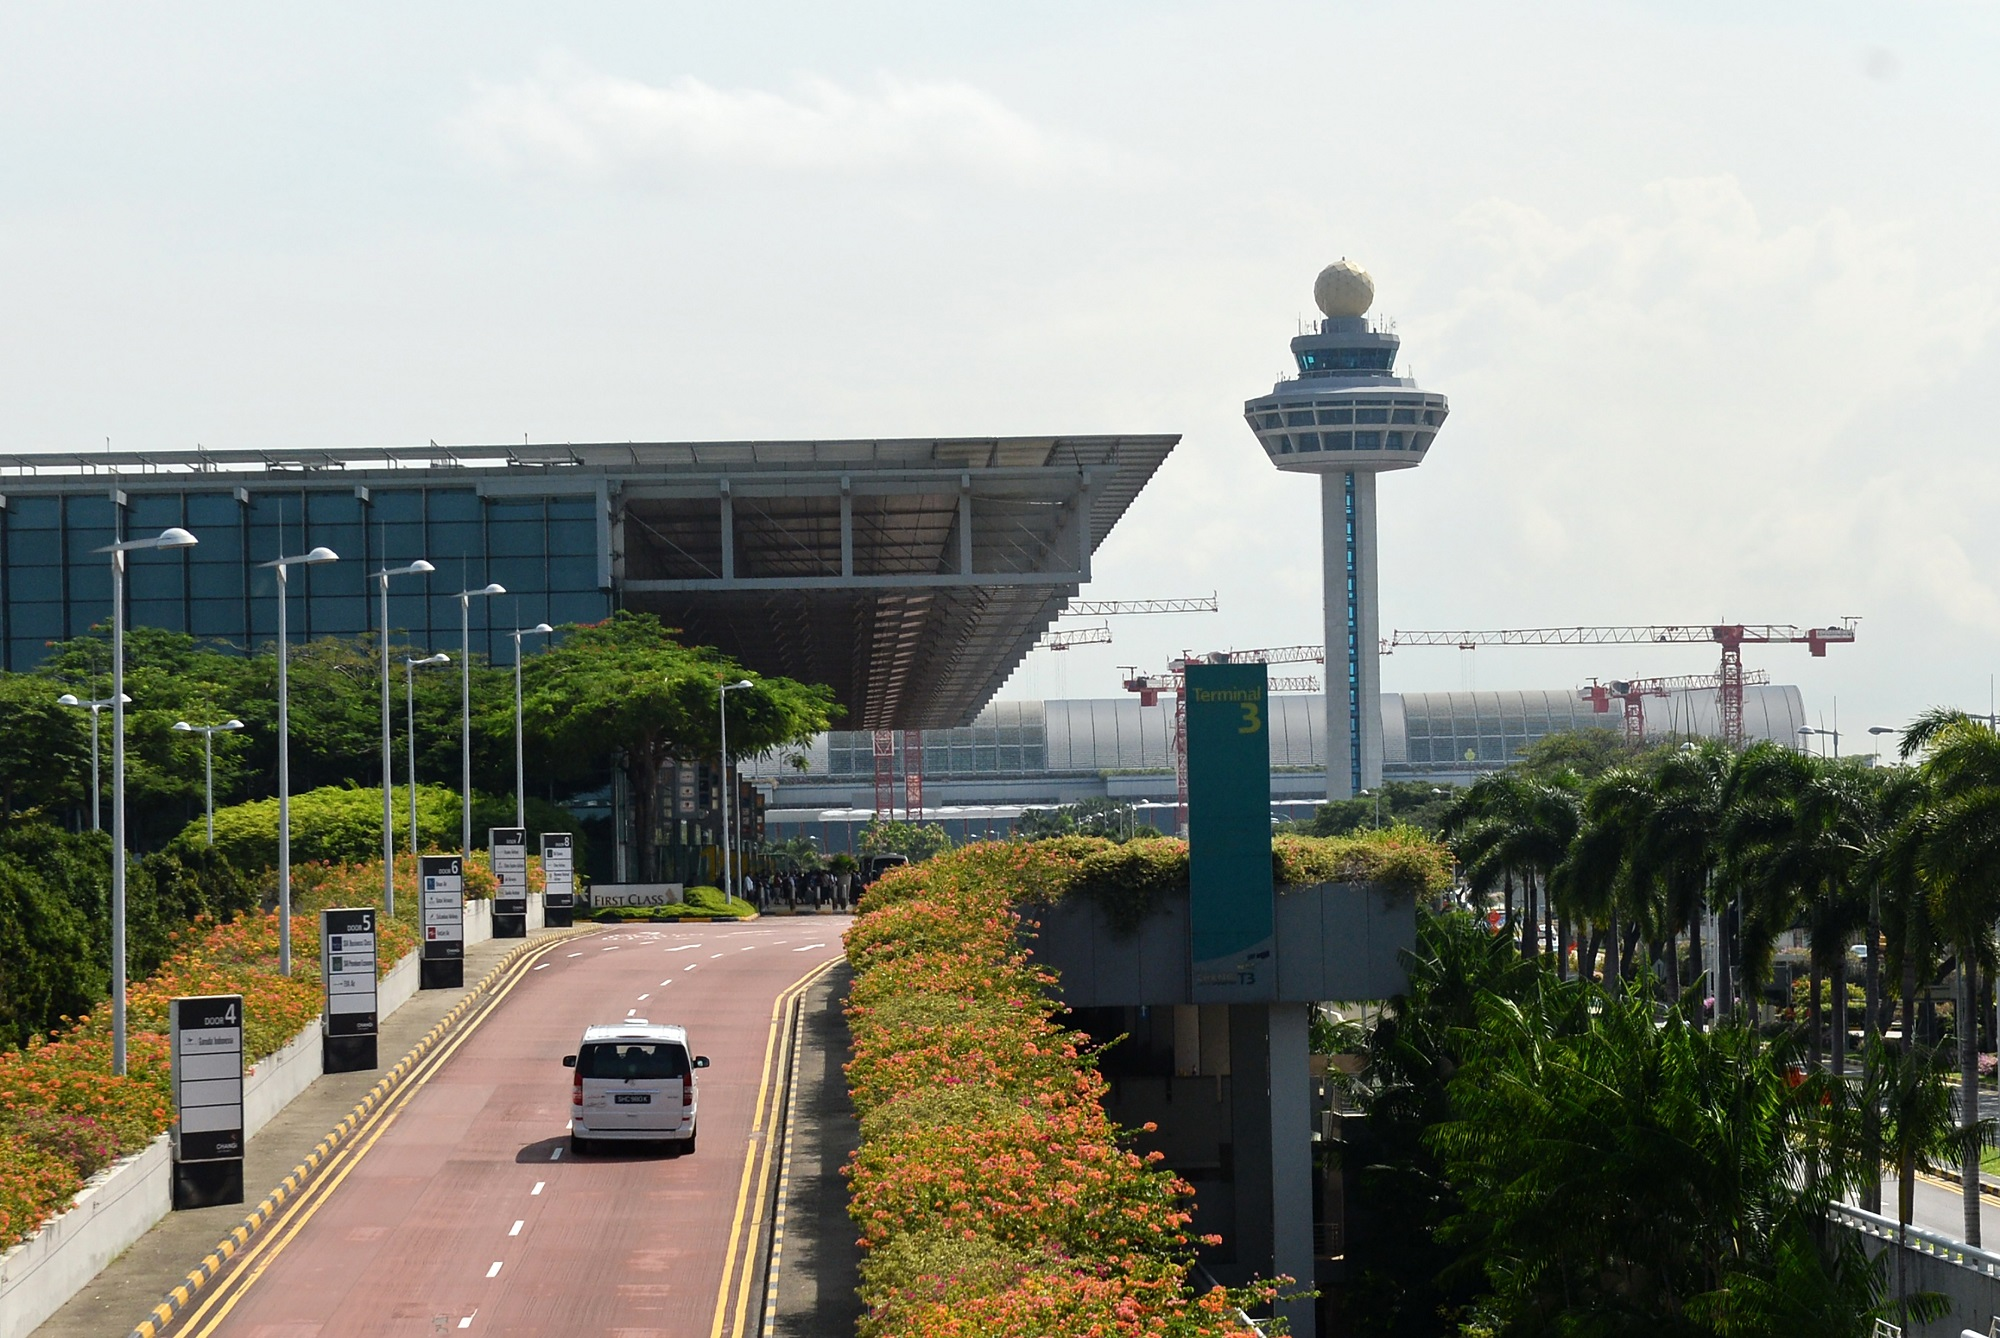 ภูมิสถาปัตยกรรม สนามบินสิงคโปร์